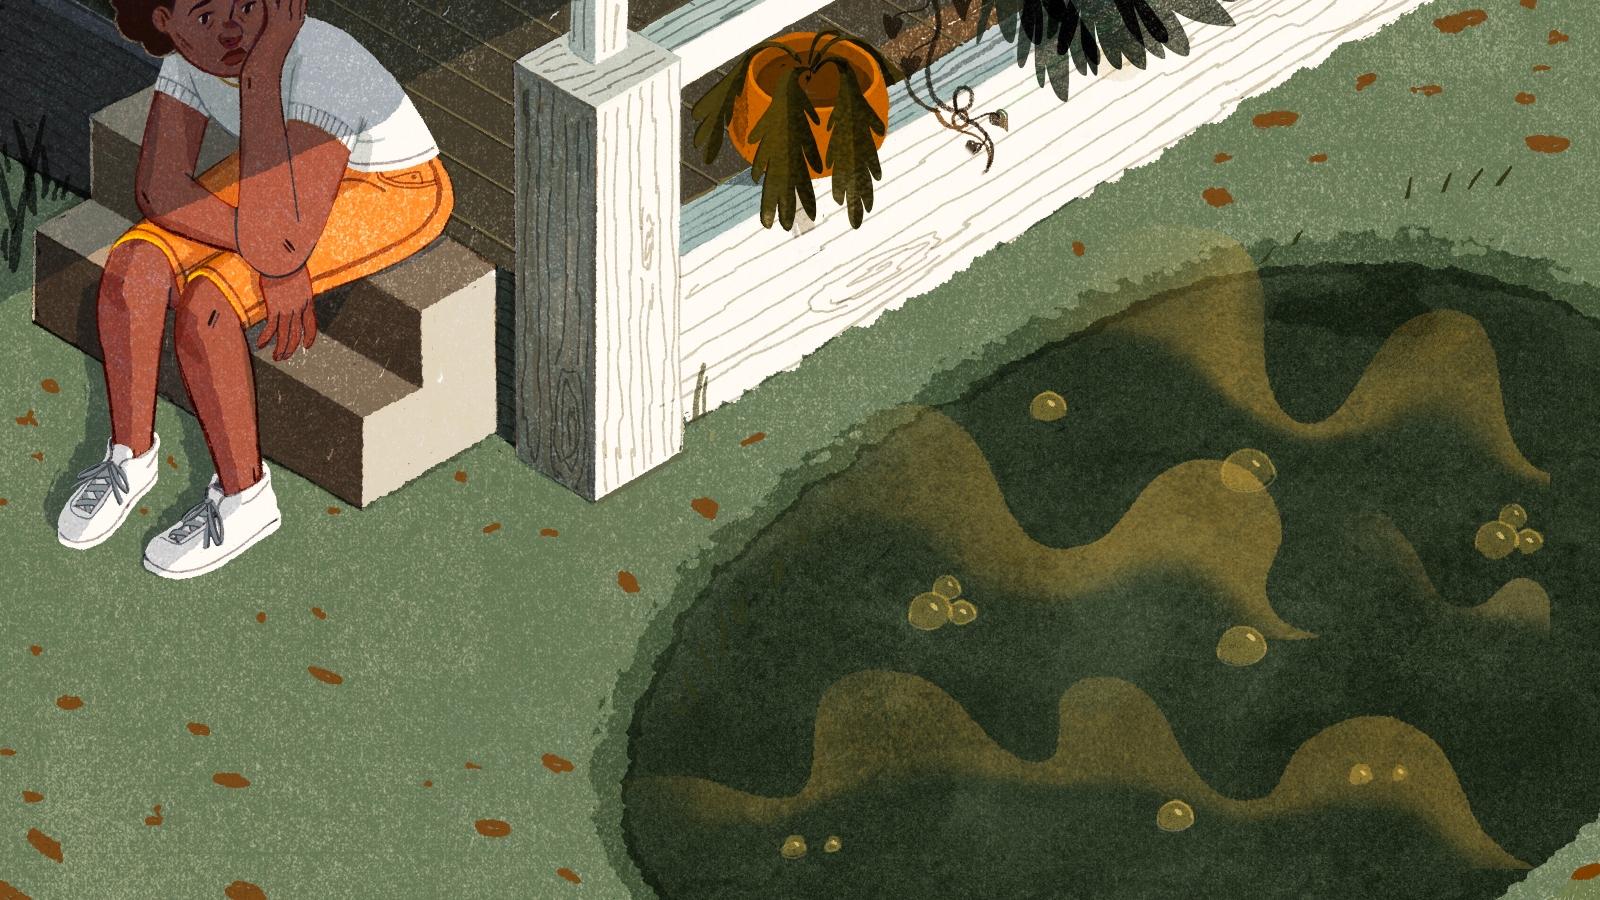 sewage in yard